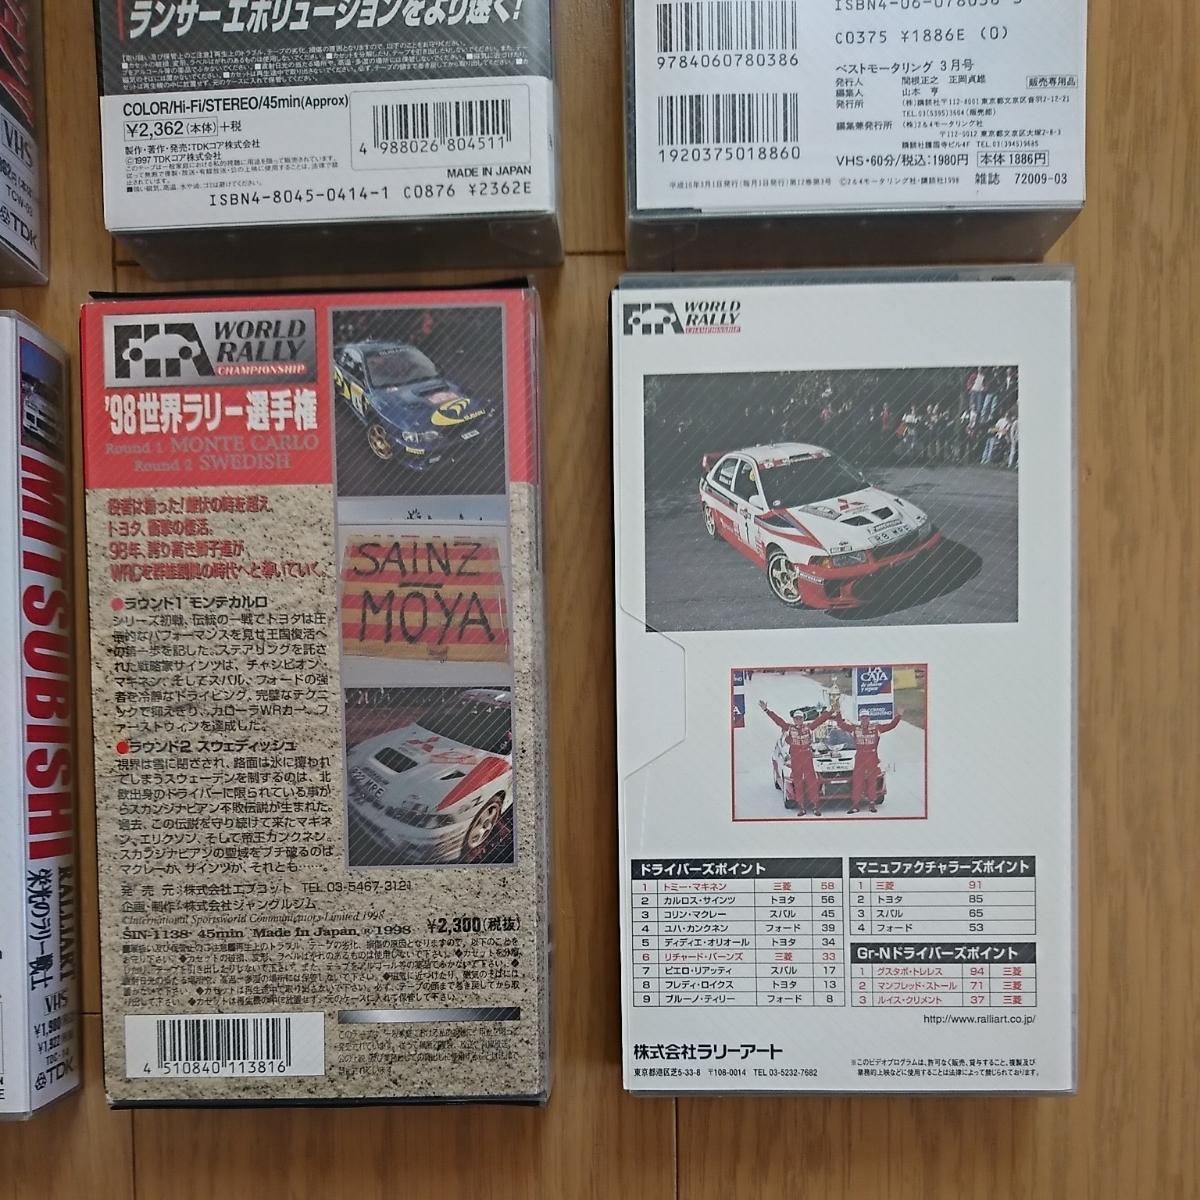 激レア!三菱 ランサーエボリューション・WRC・ラリー 関連のVHSビデオテープ8本セット_画像9